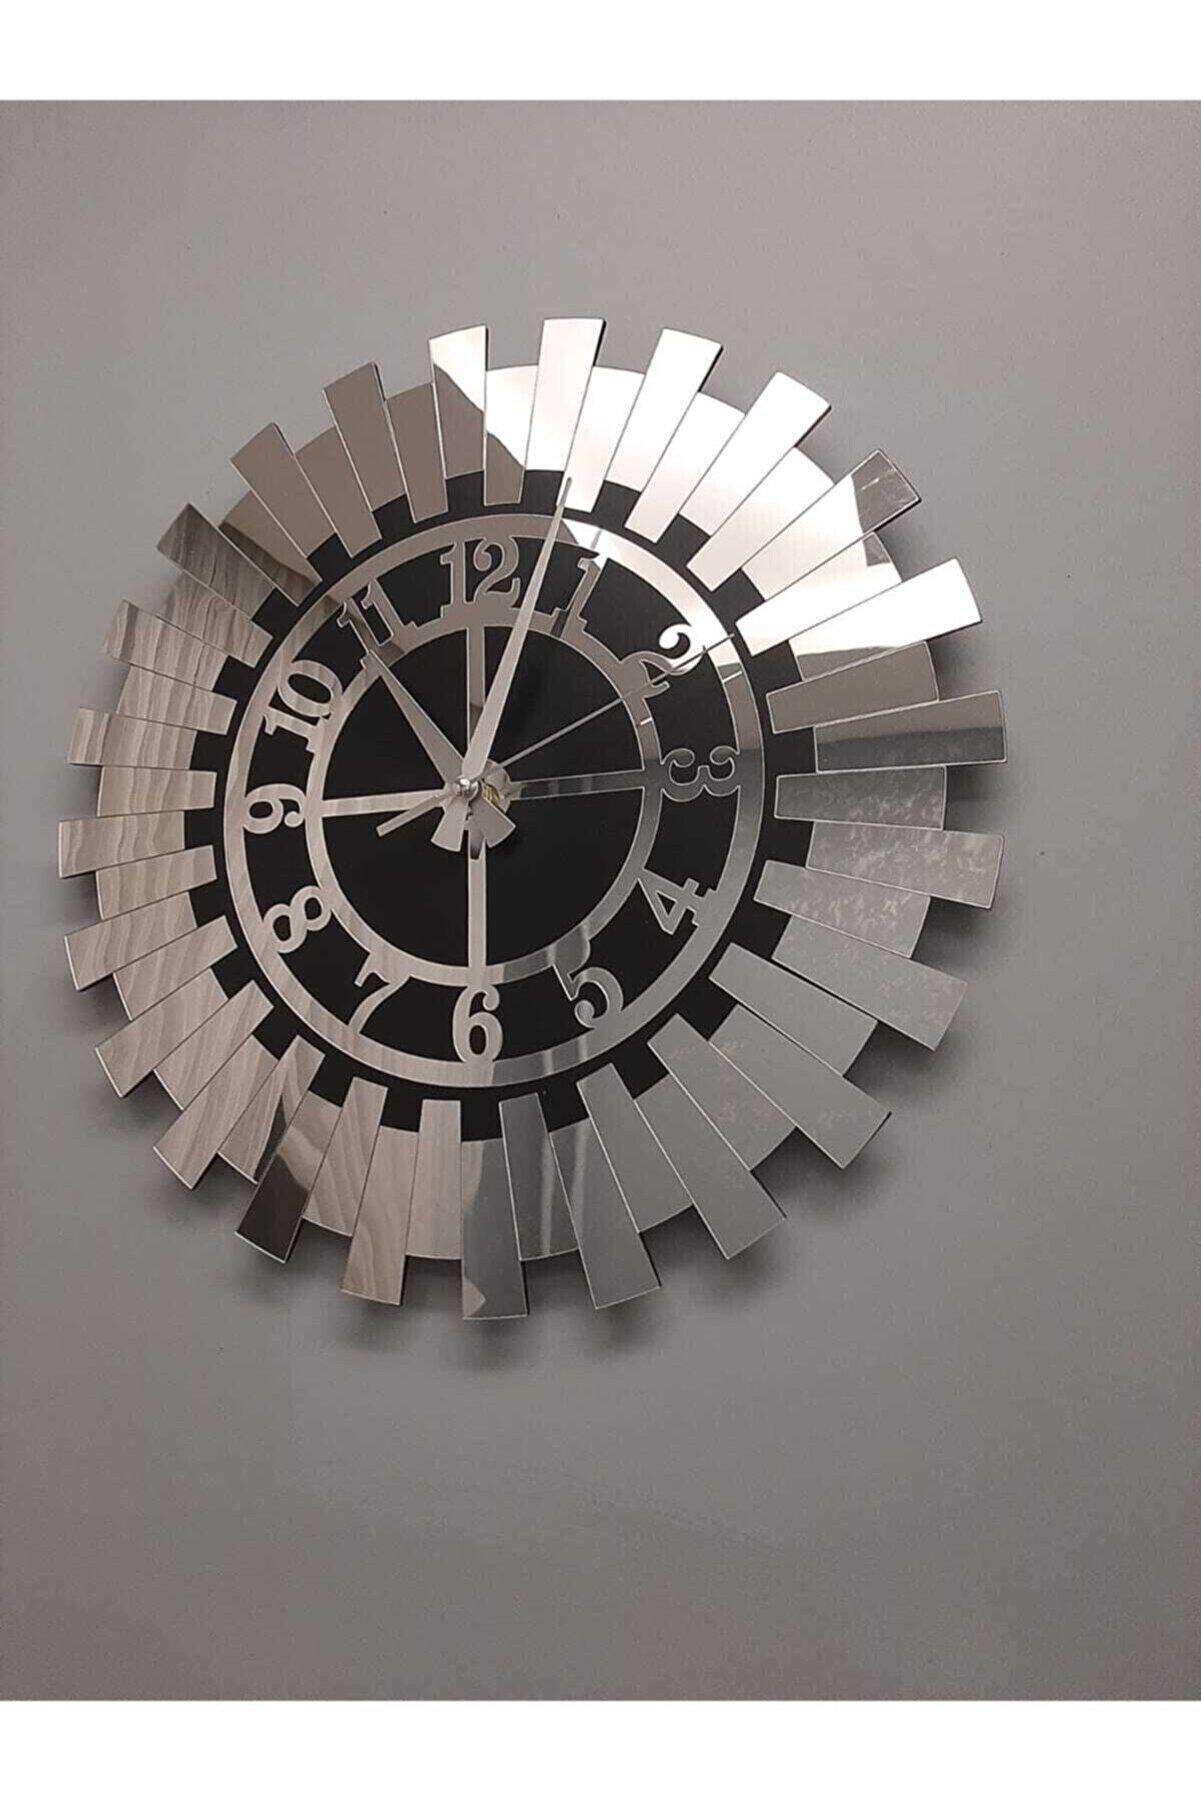 Tuba Decor Modern Gümüş Güneş Duvar Saati Dekoratif Türk Rakamlı Mdf Üzeri Aynalı Pleksi 40x40 Cm